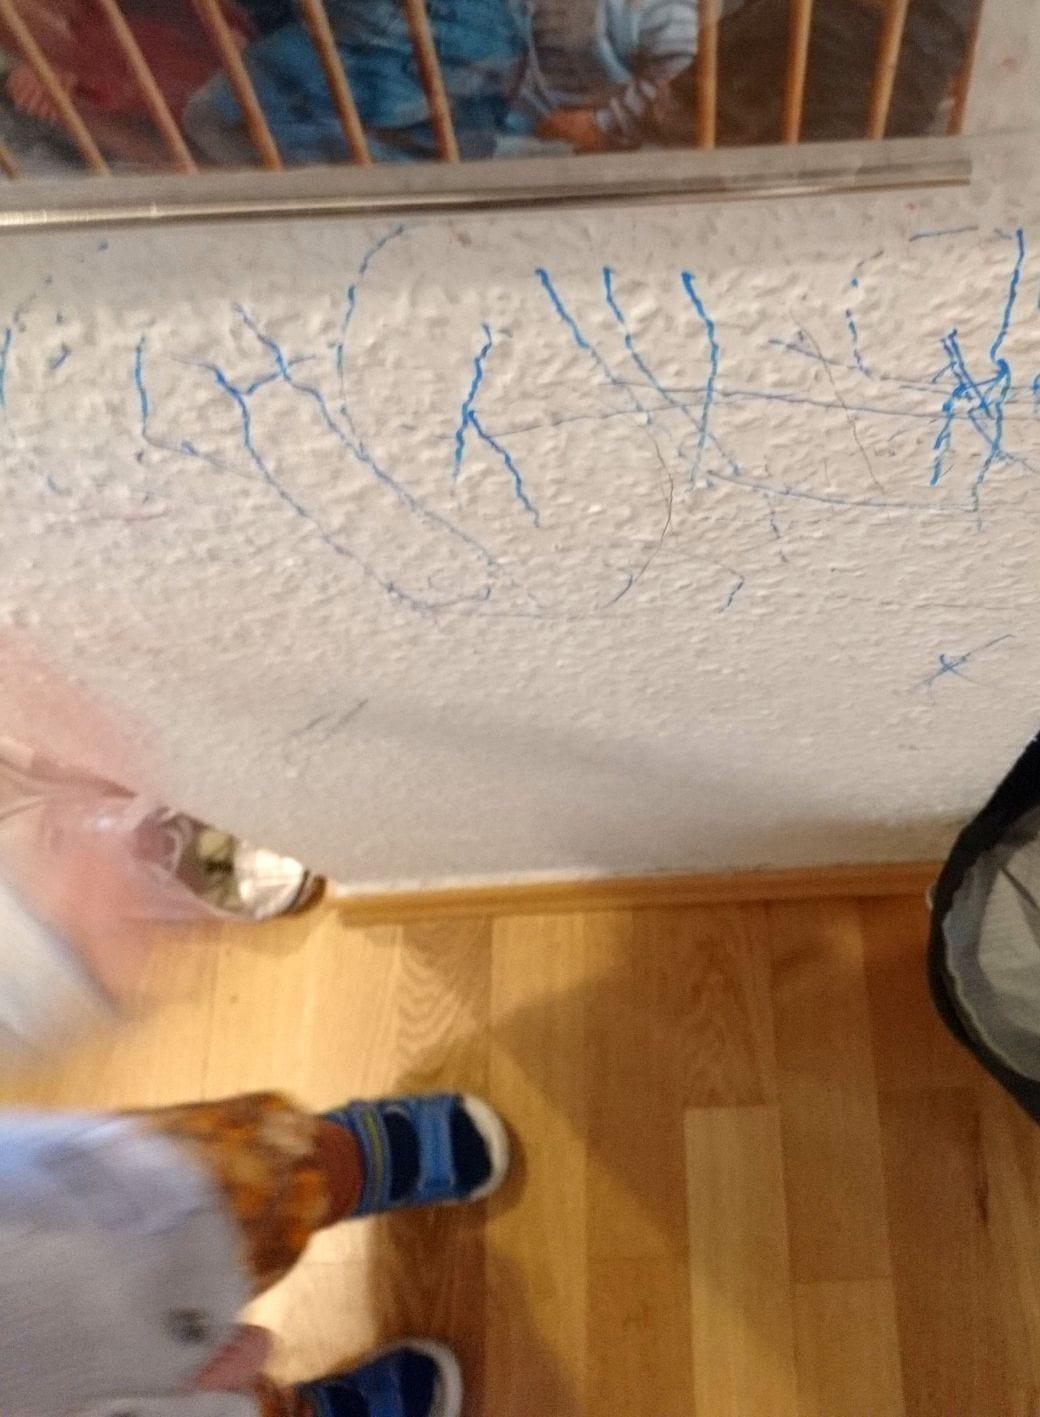 Wandmalerei, Kindermalspaß